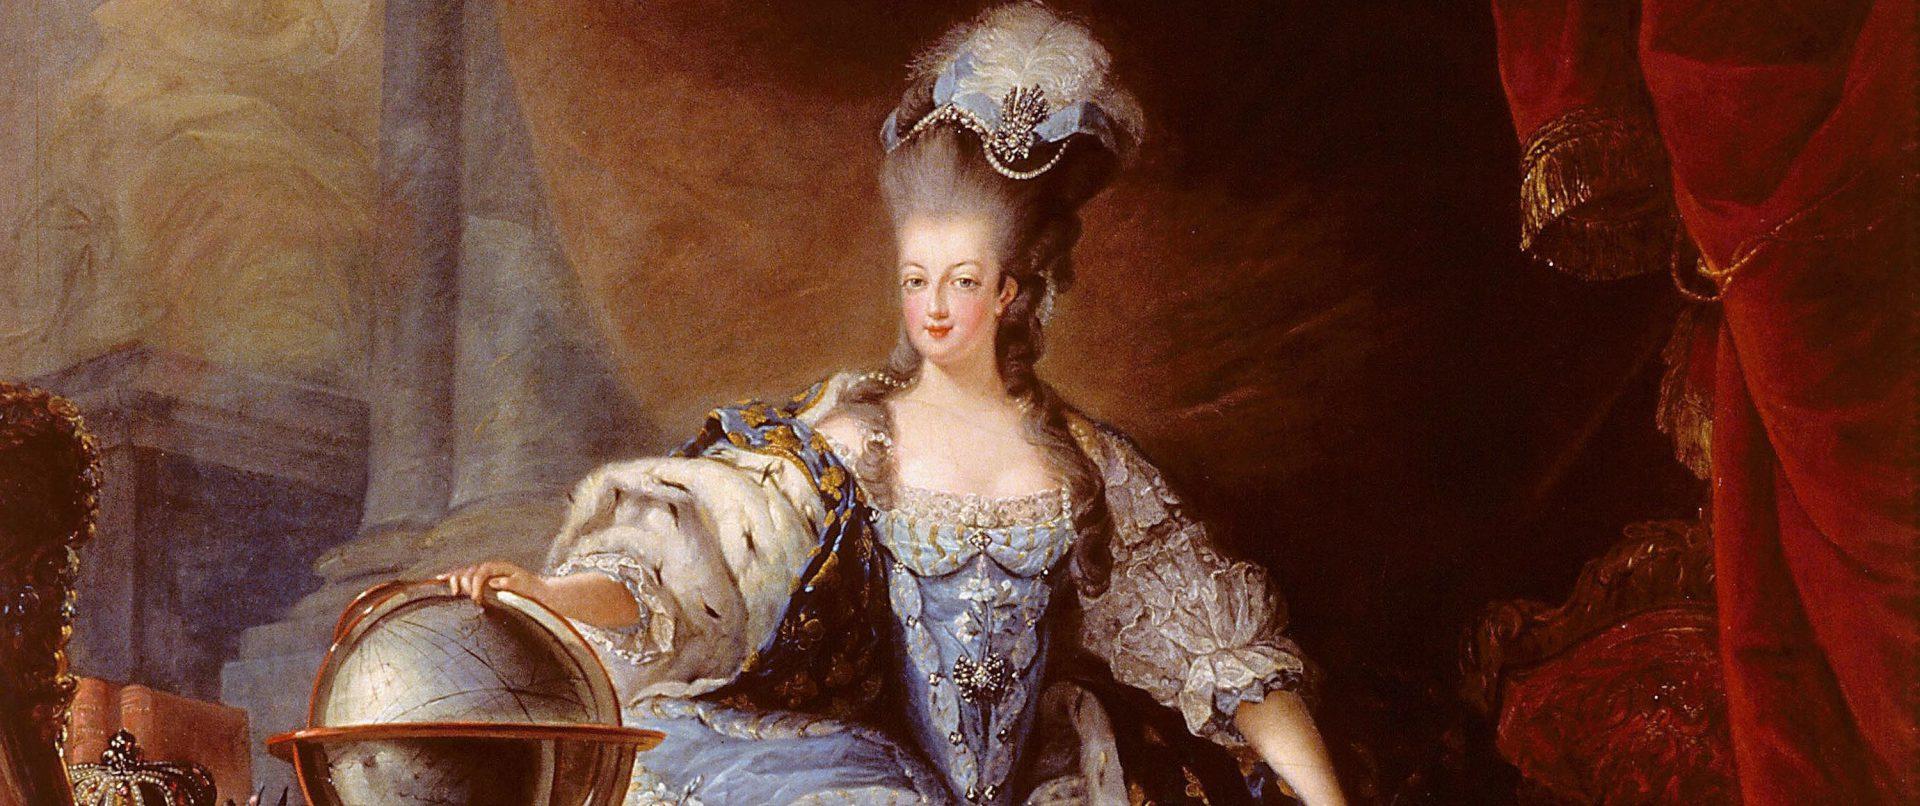 Nina's Marie-Antoinette